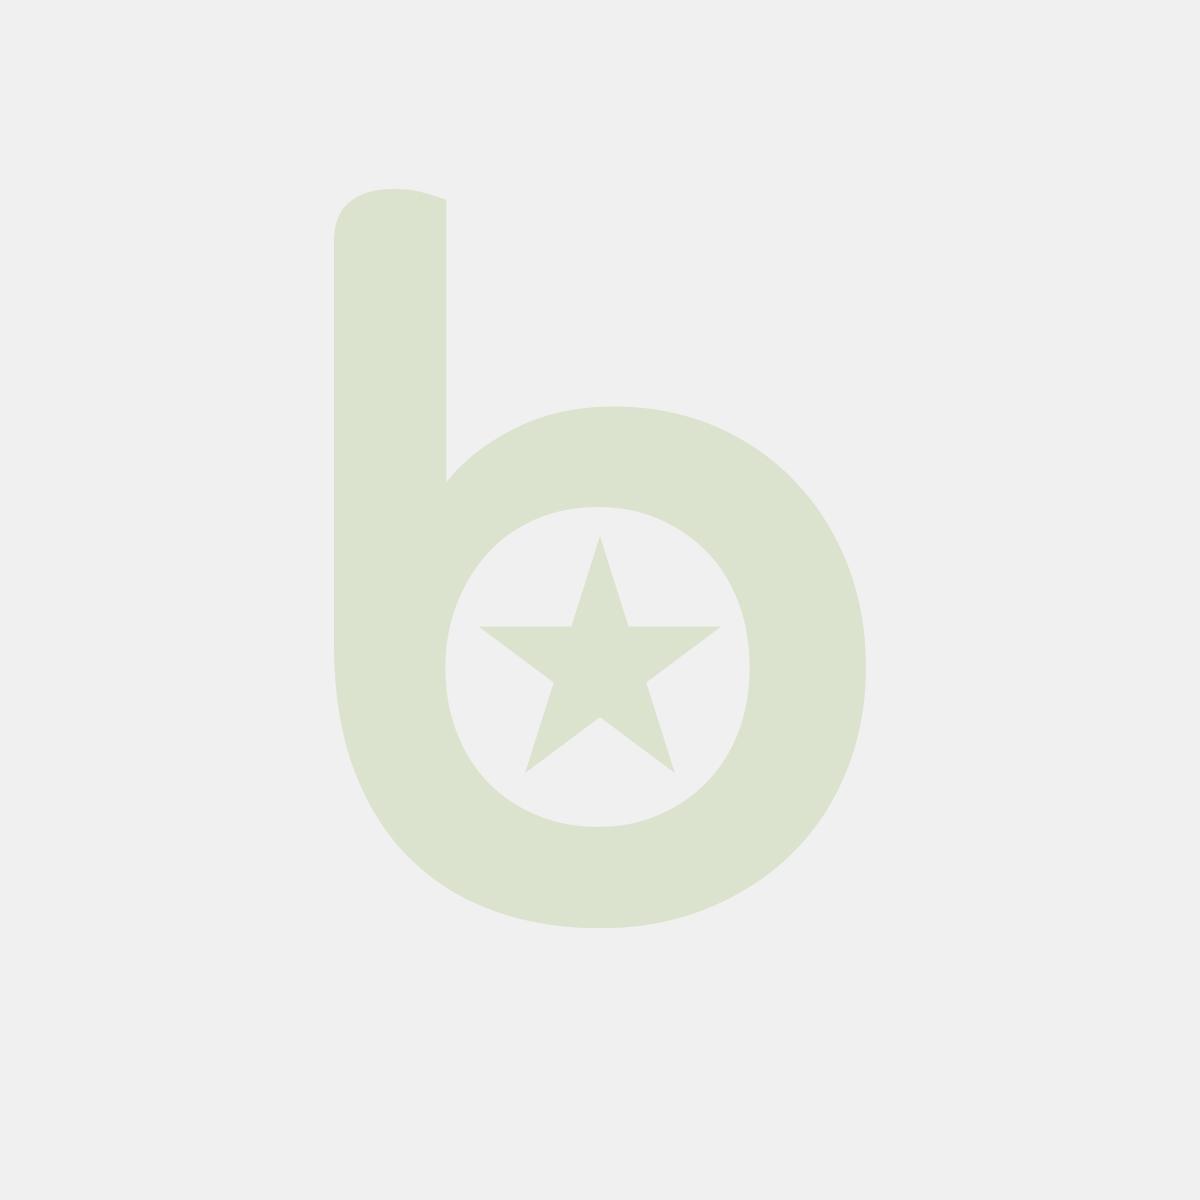 Pojemnik obiadowy do zgrzewu K 227/1, niedzielony, czarny, 227x178x40, cena za opakowanie 50szt